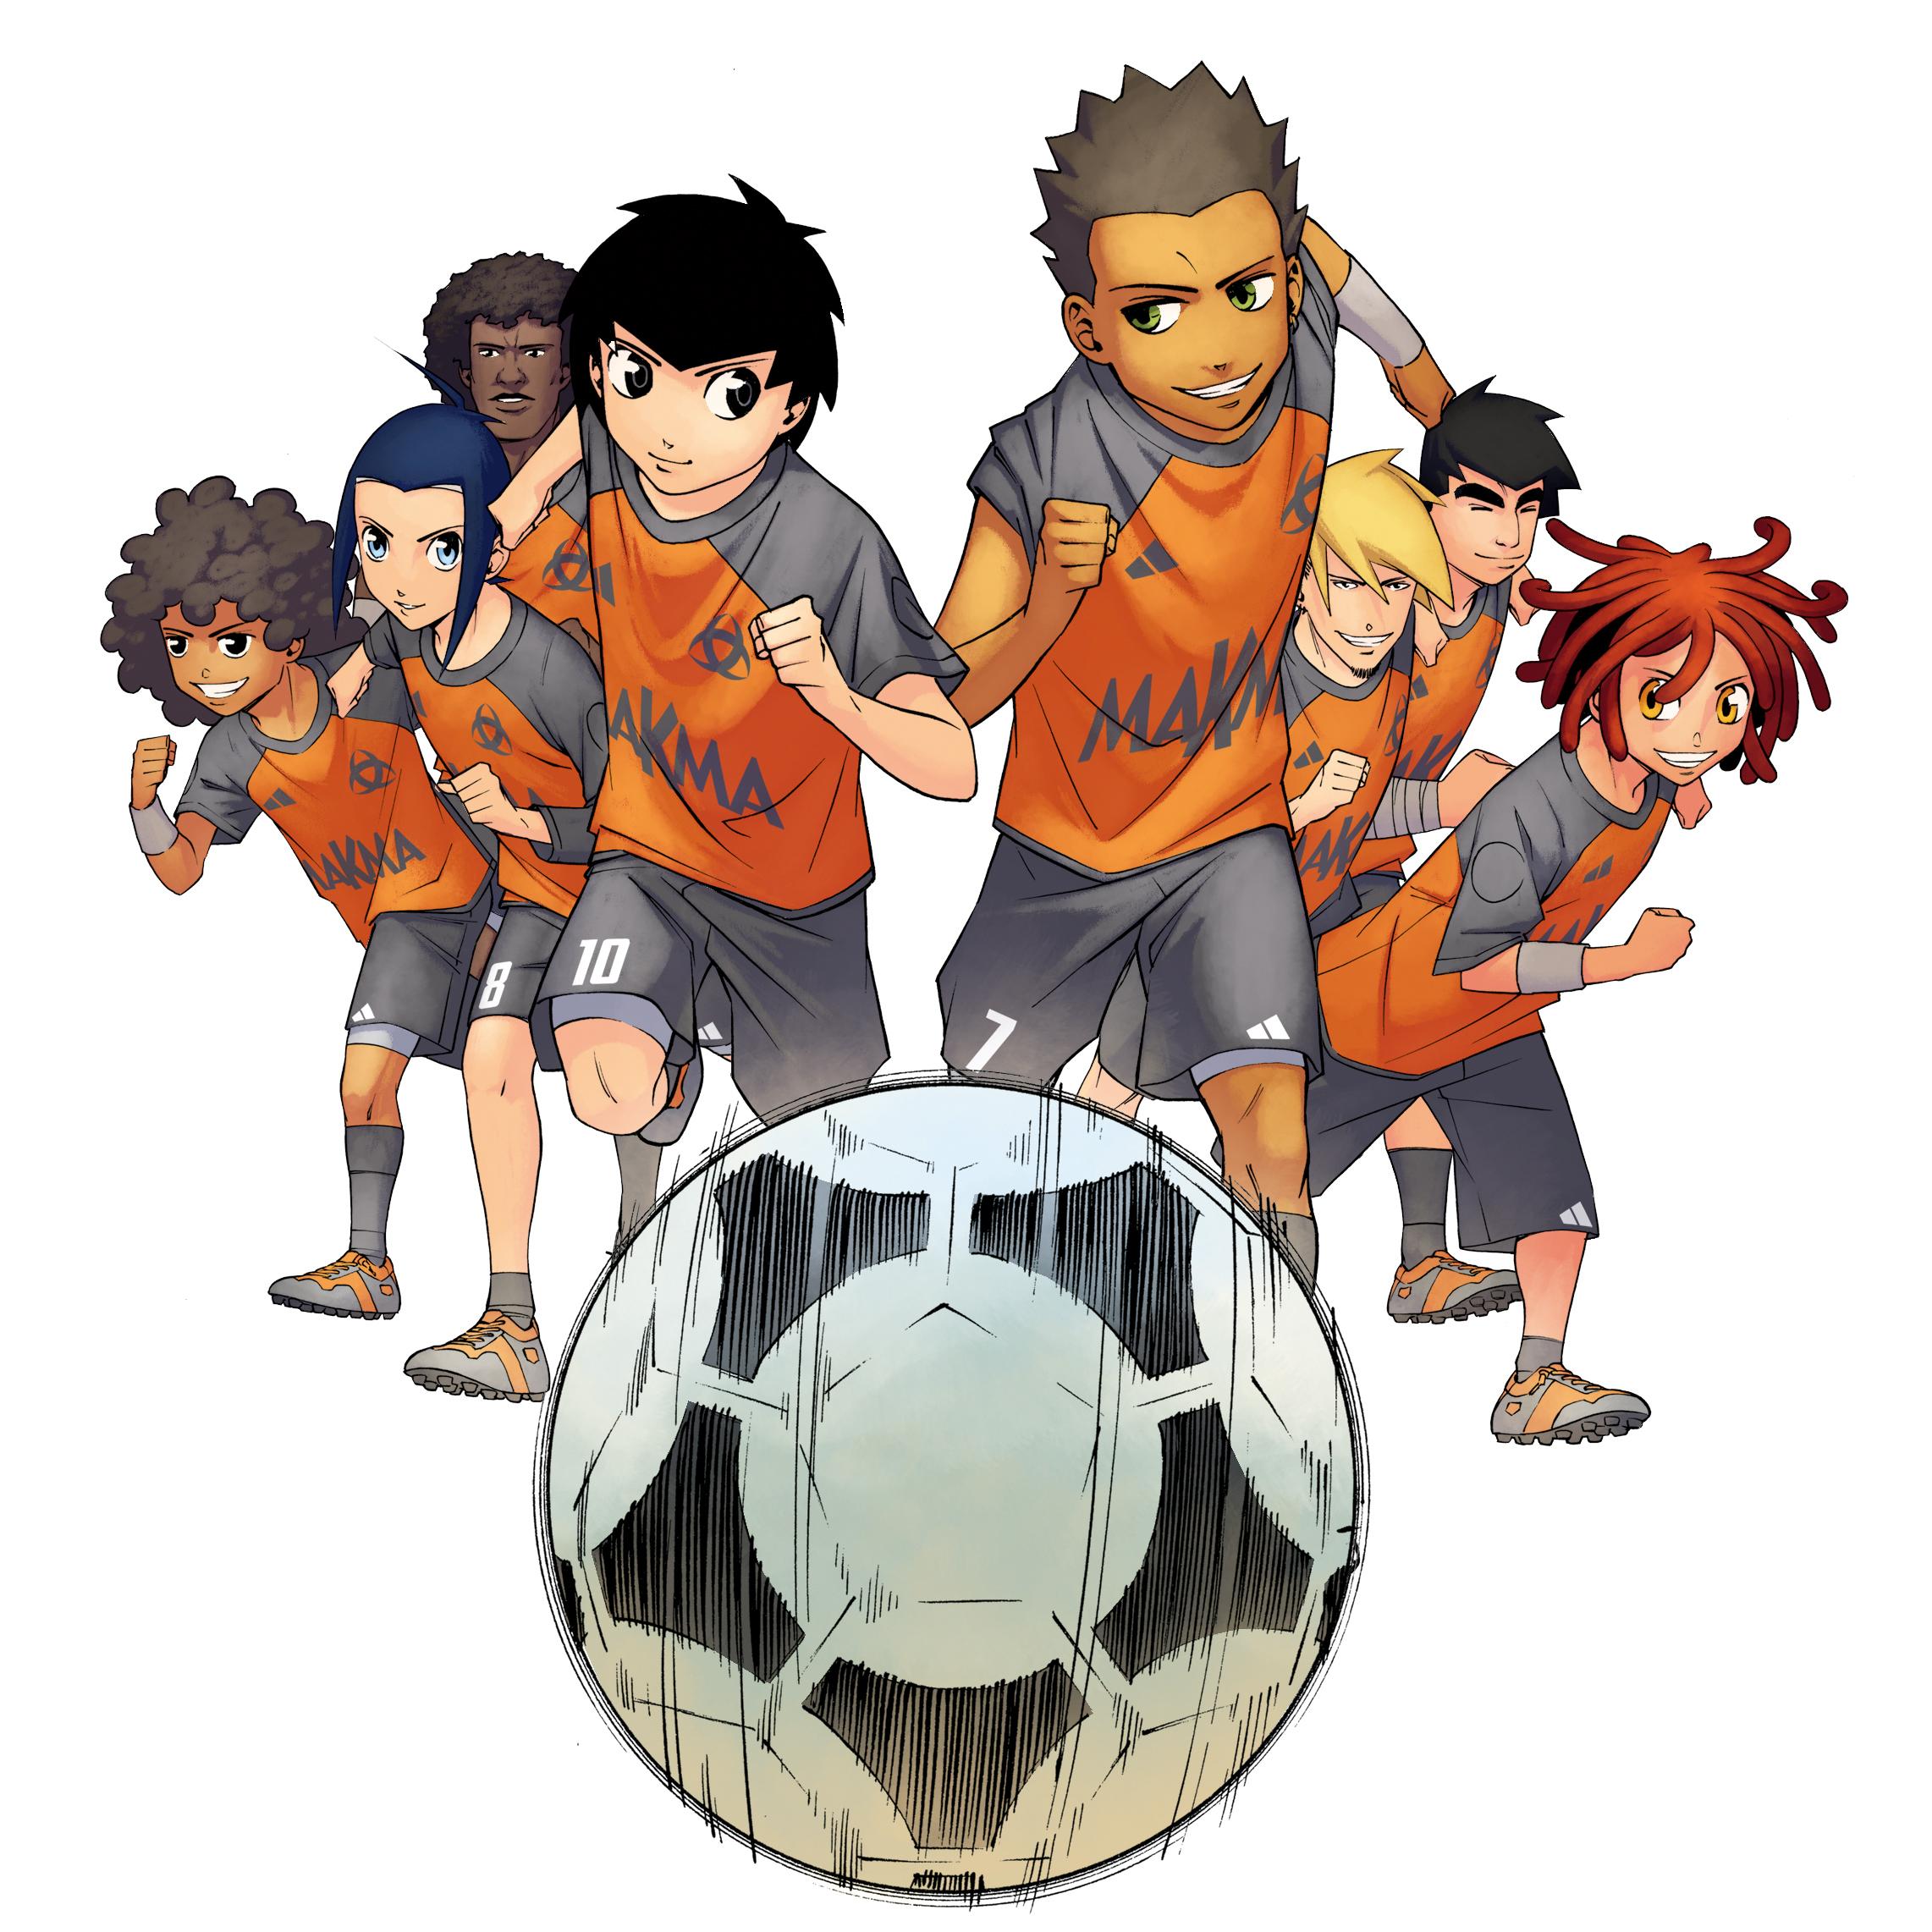 L'Équipe Z tome 2 : les personnages les plus frais en couverture !